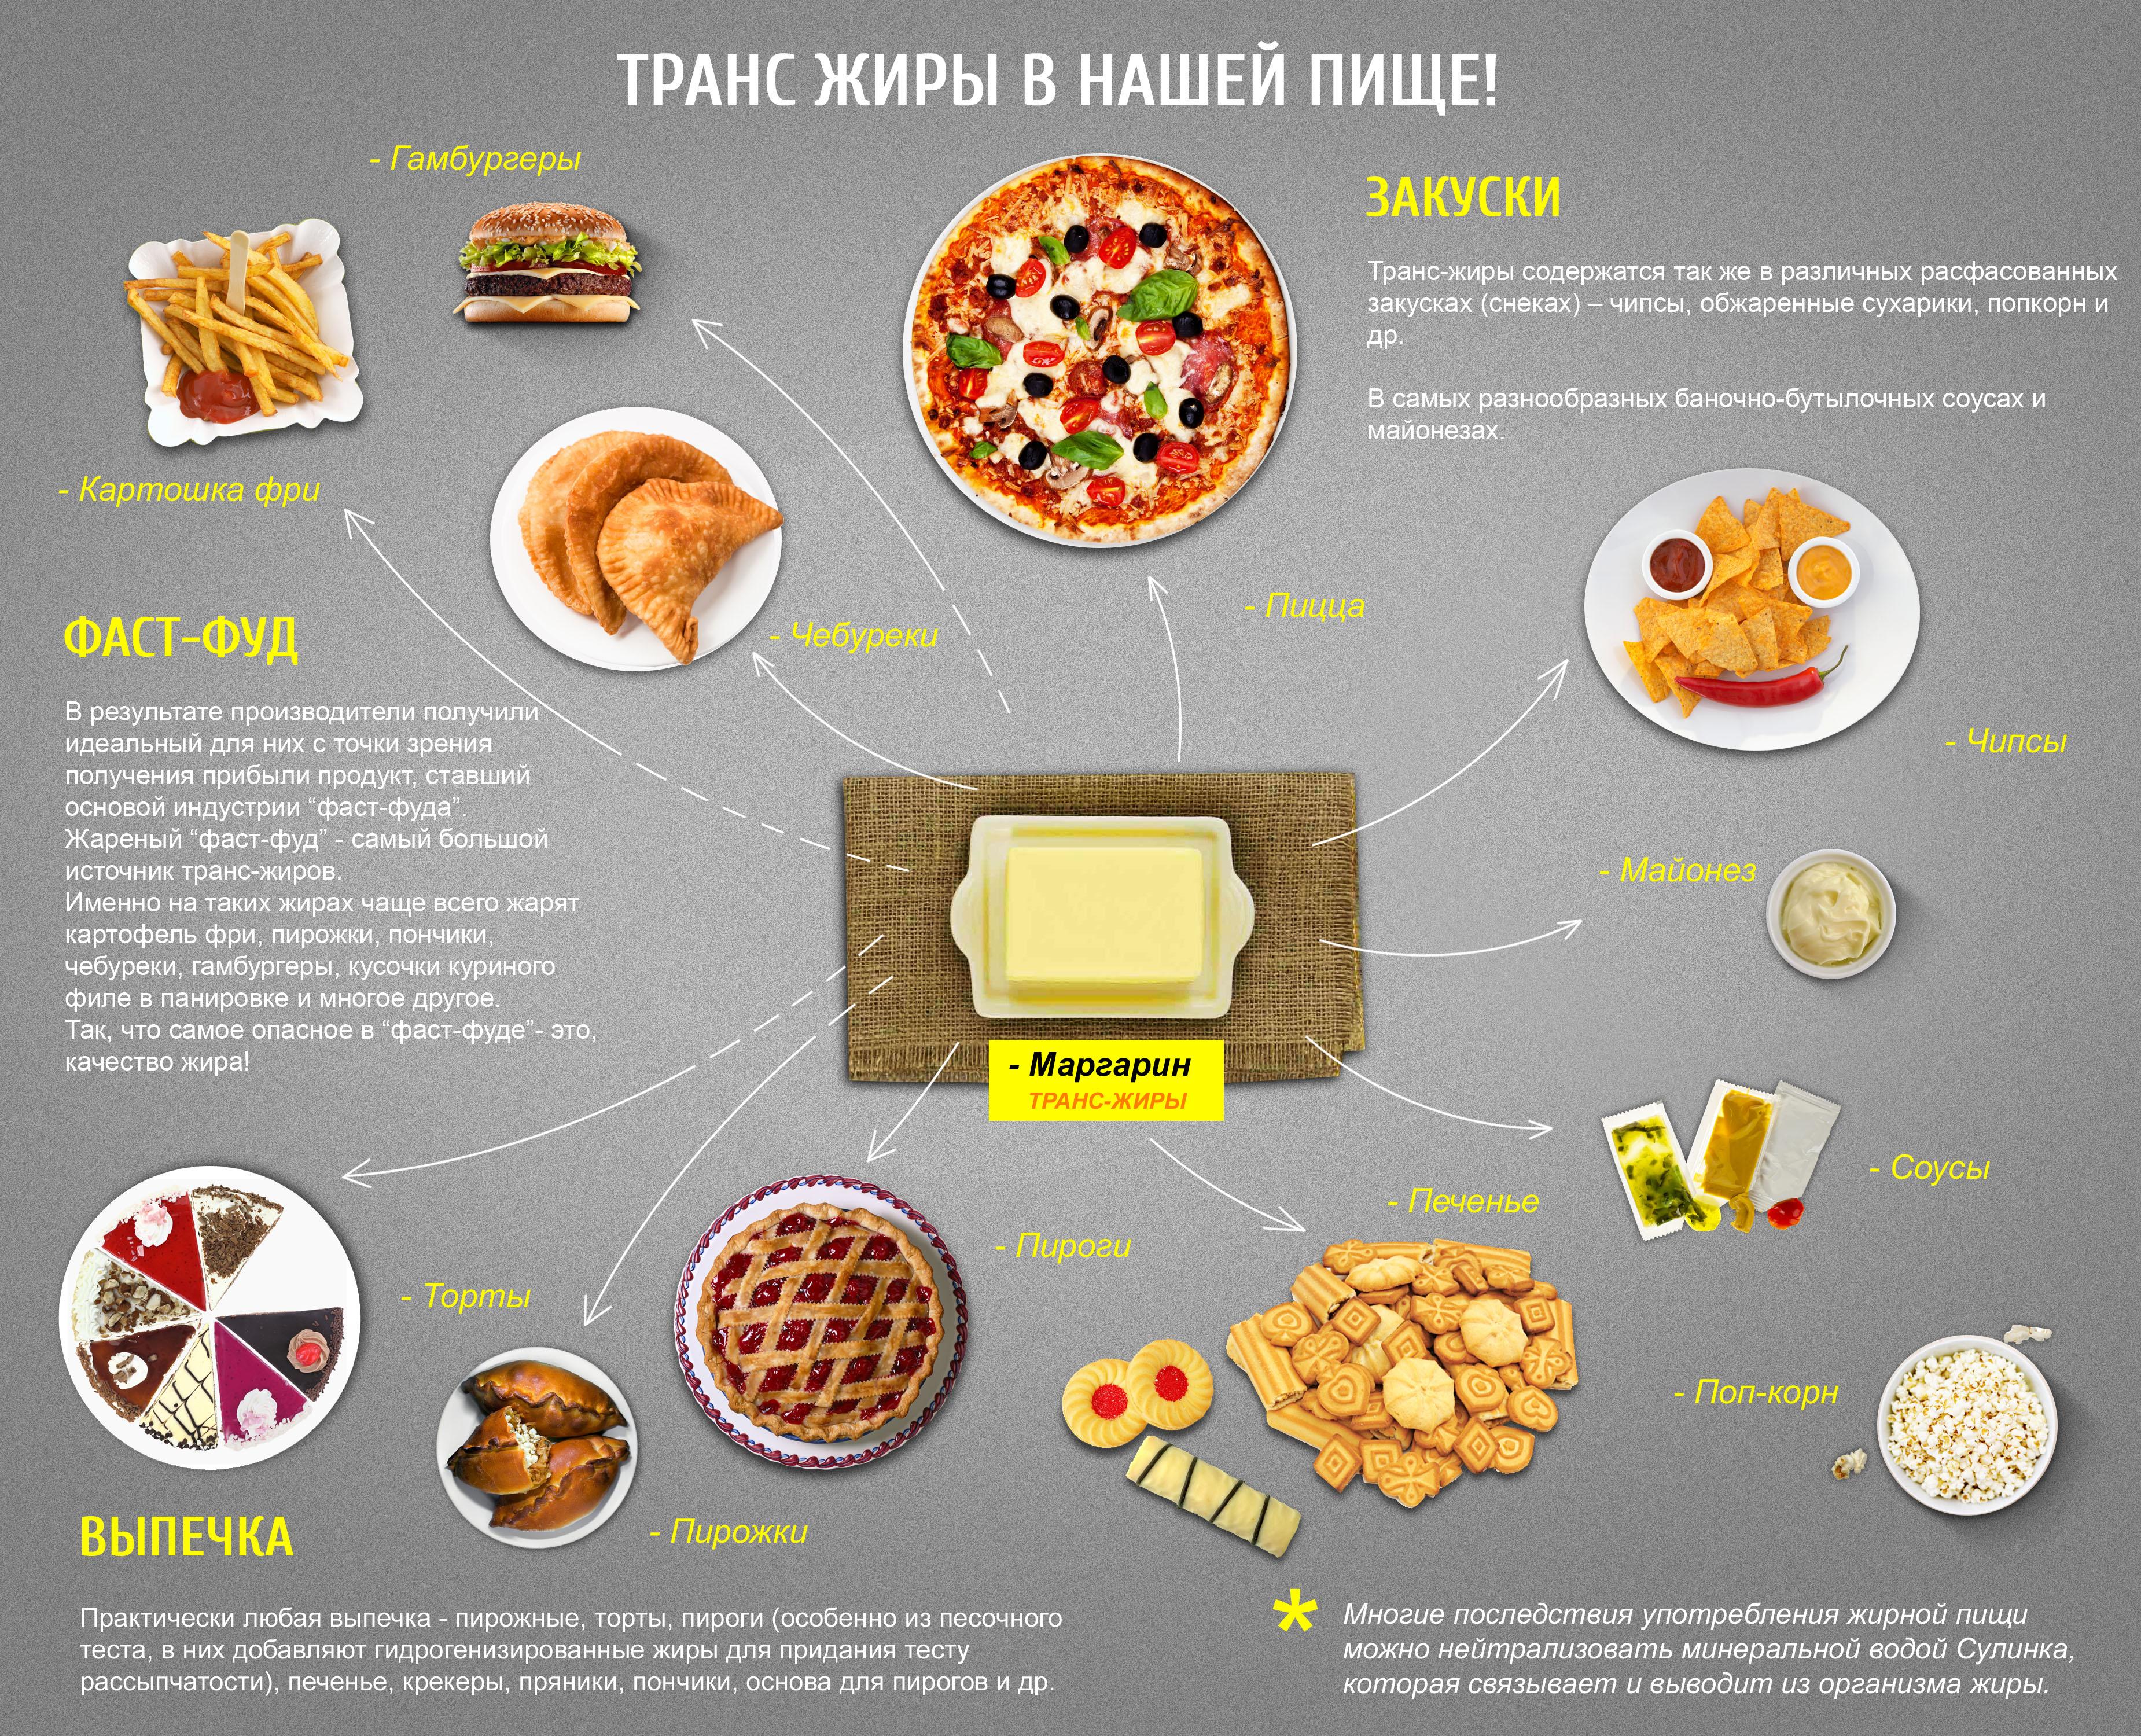 Трансжиры: что это такое, чем опасны, список продуктов с трансжирами